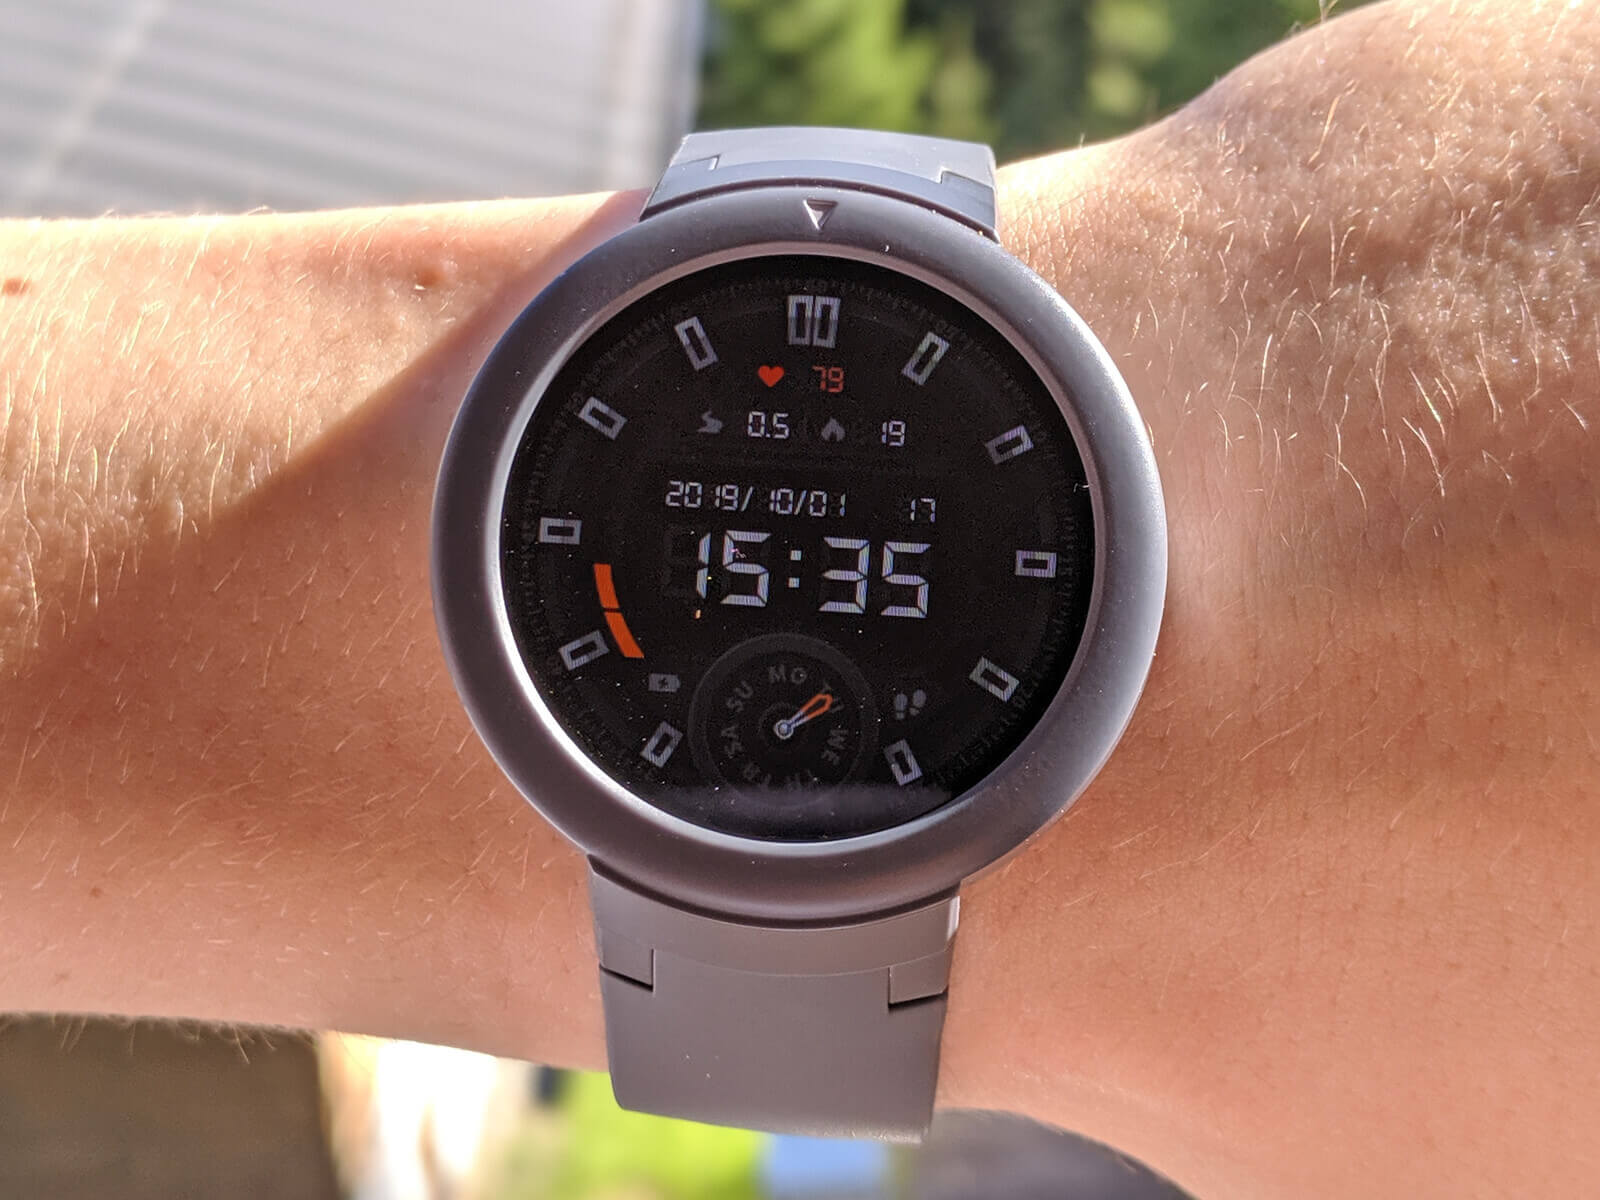 ساعت هوشمند آمازفیت مدل Verge